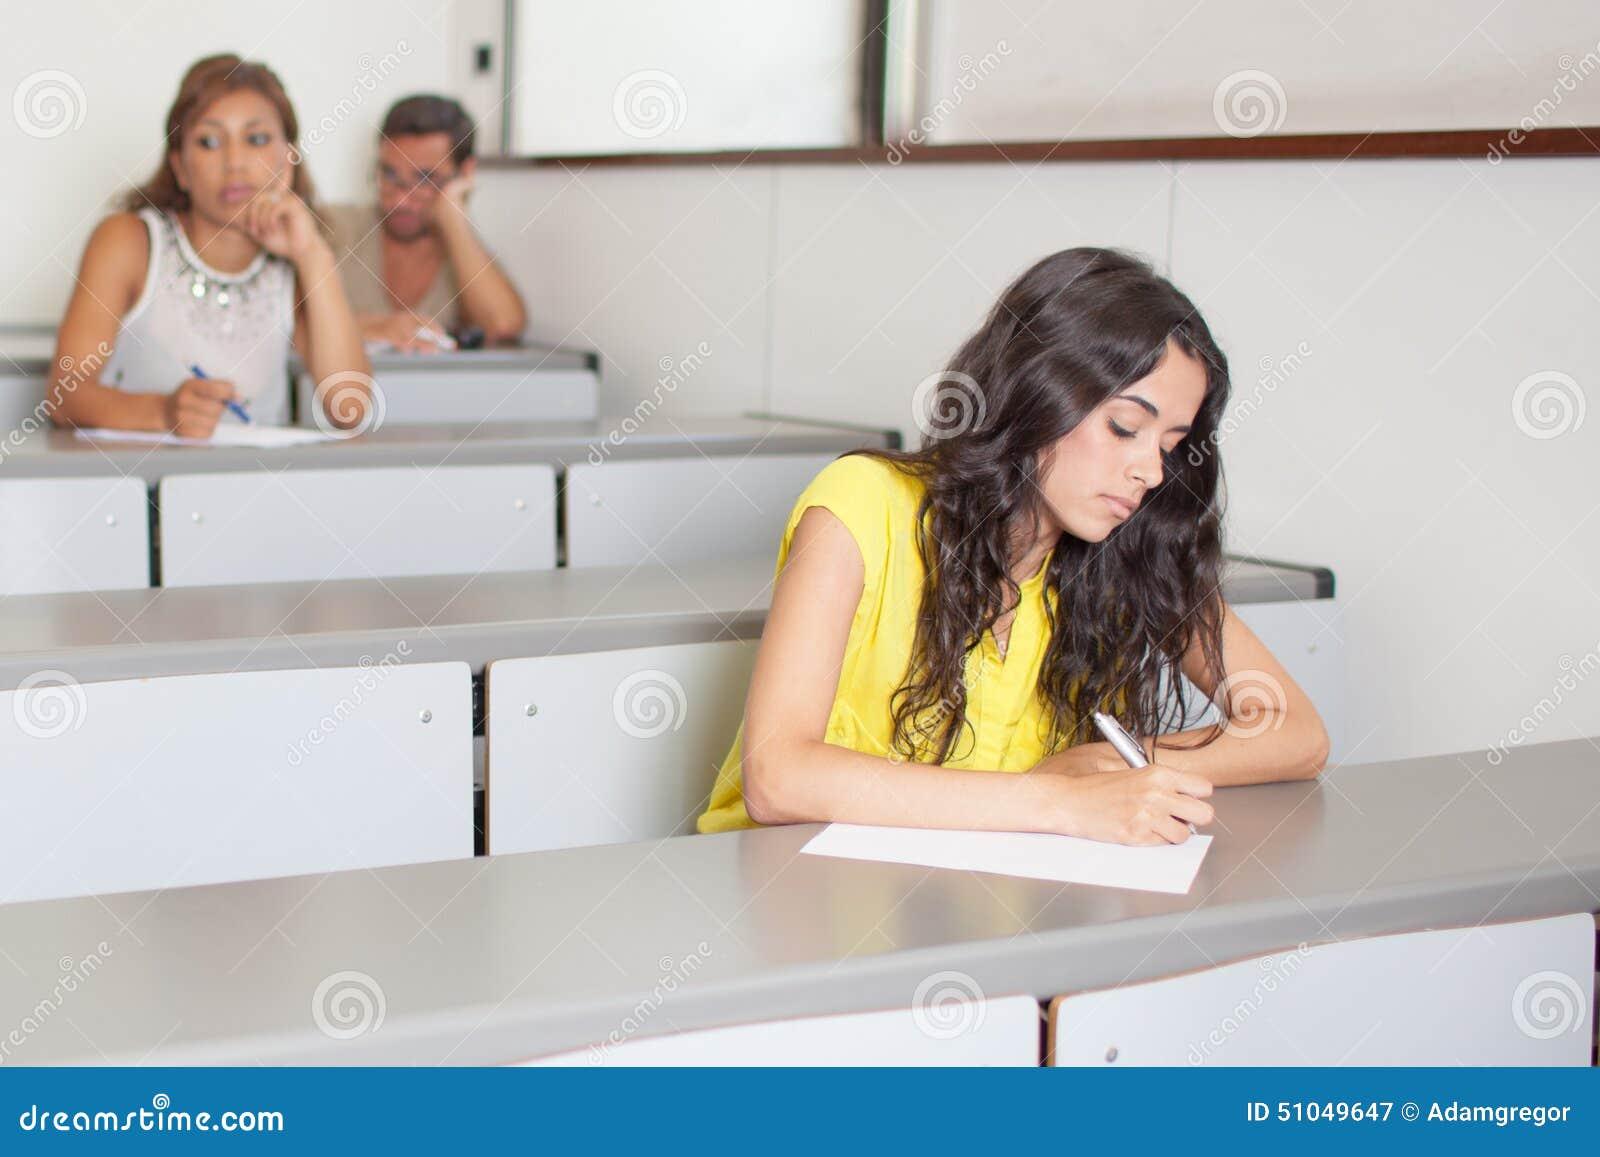 Studenten Die Eine Prüfung Klassenzimmer Schreiben Stock Photos - 30 ...